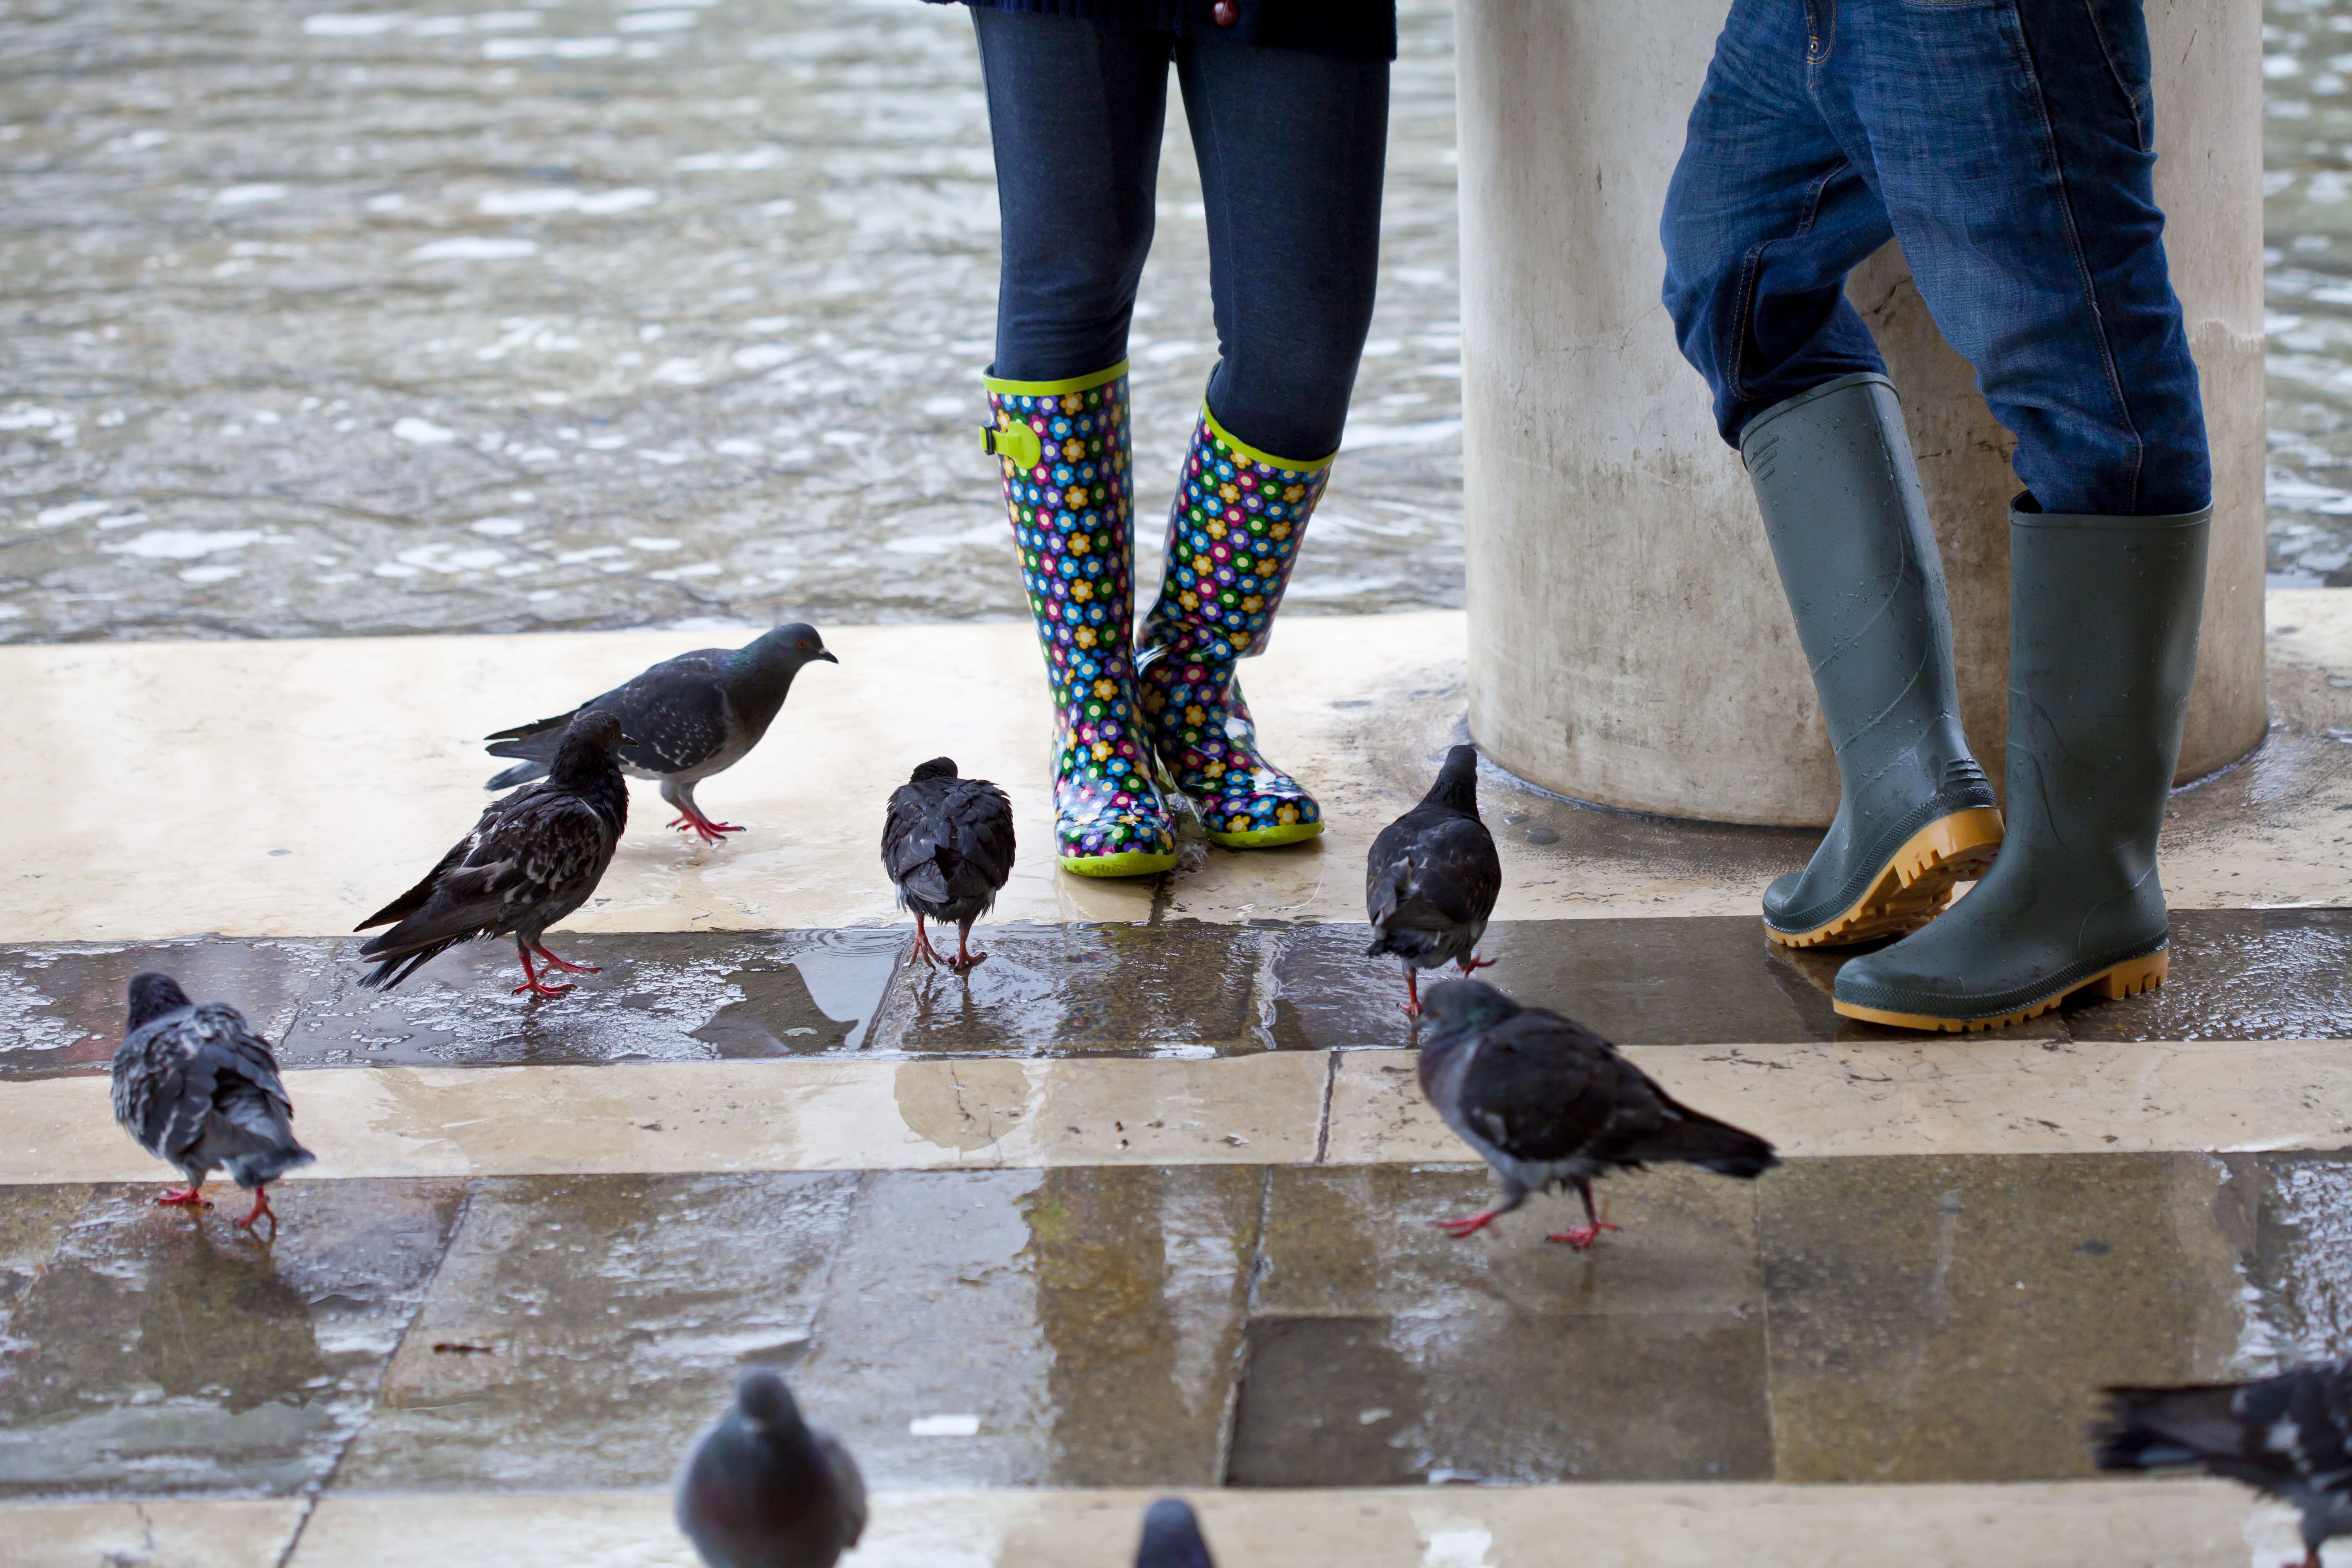 Ponte las botas de agua y pasea por San Marcos - Italia Circuito Italia Monumental: Roma, Florencia y Venecia